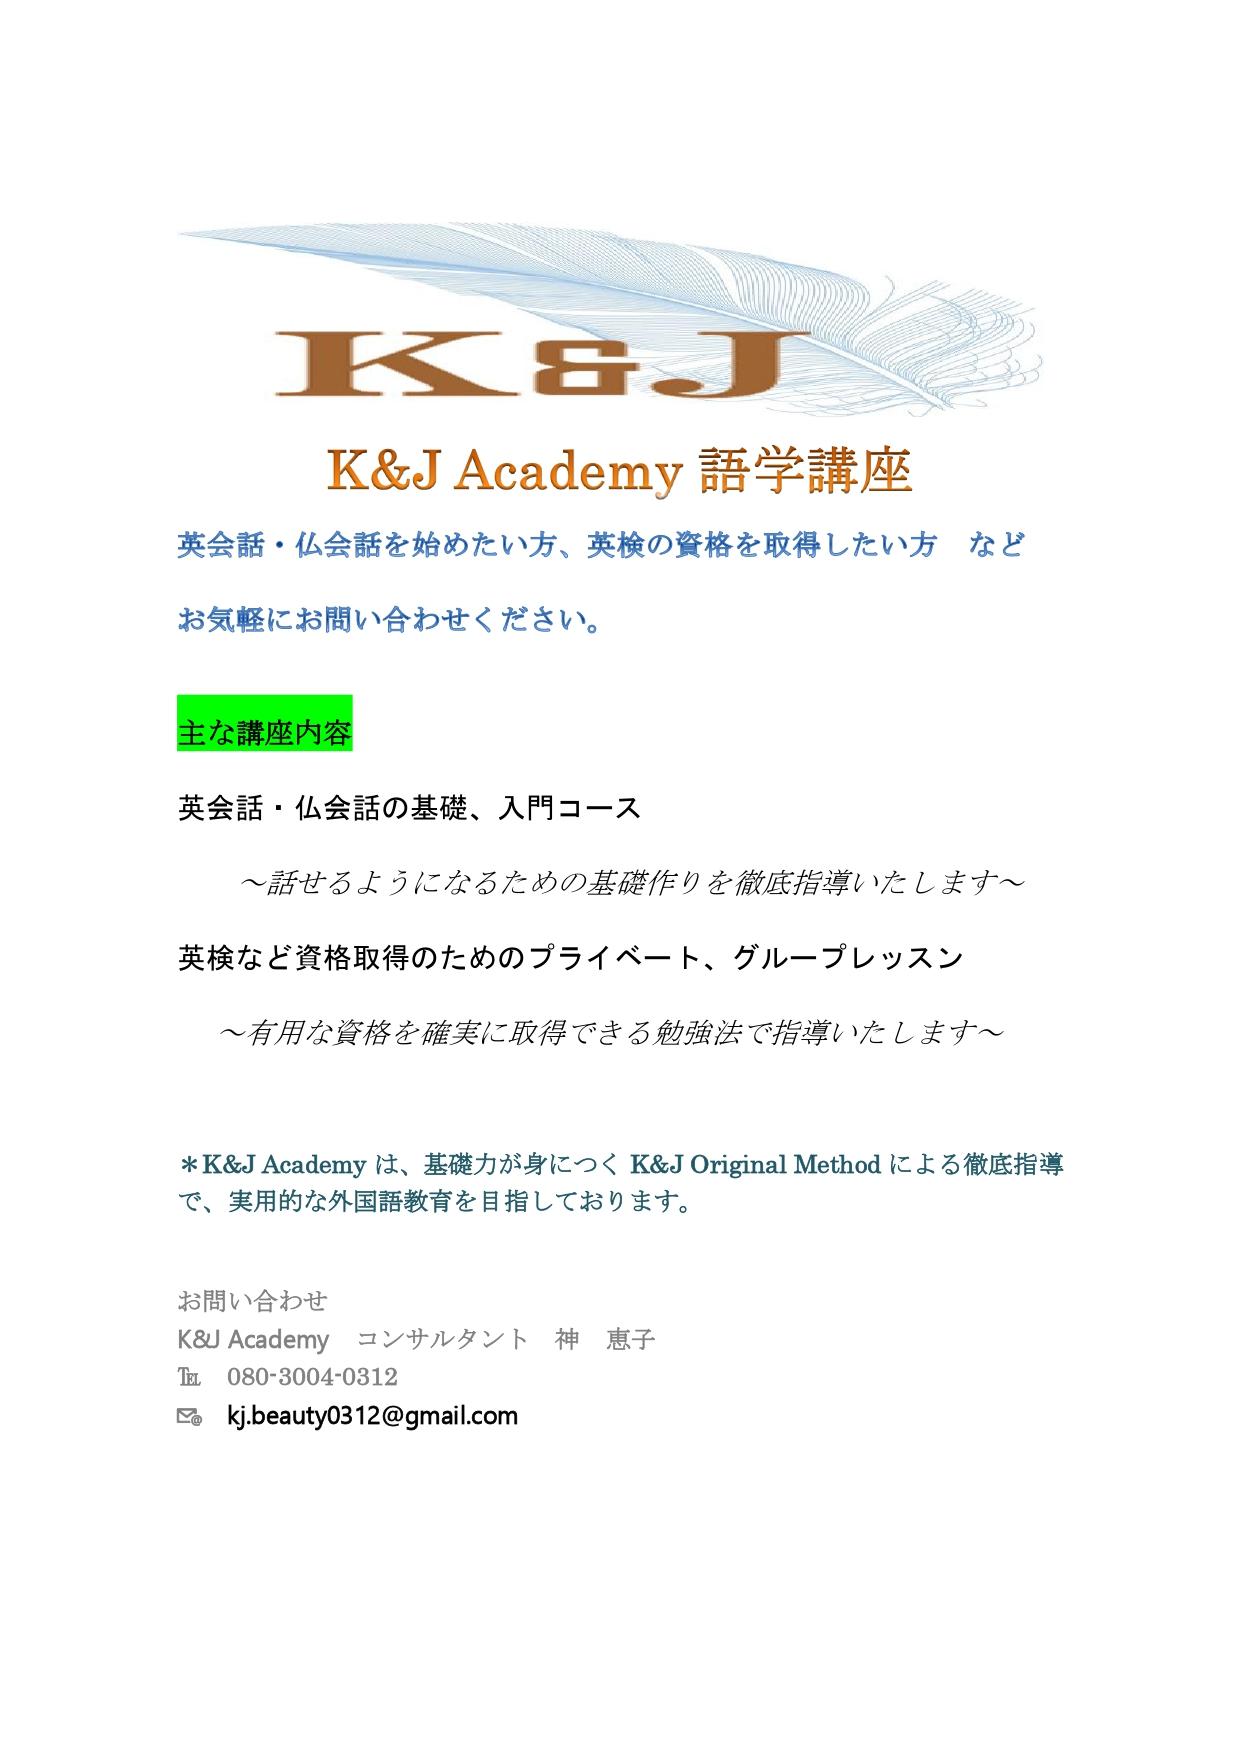 K&J Academy 語学講座案内_pages-to-jpg-0001.jpg